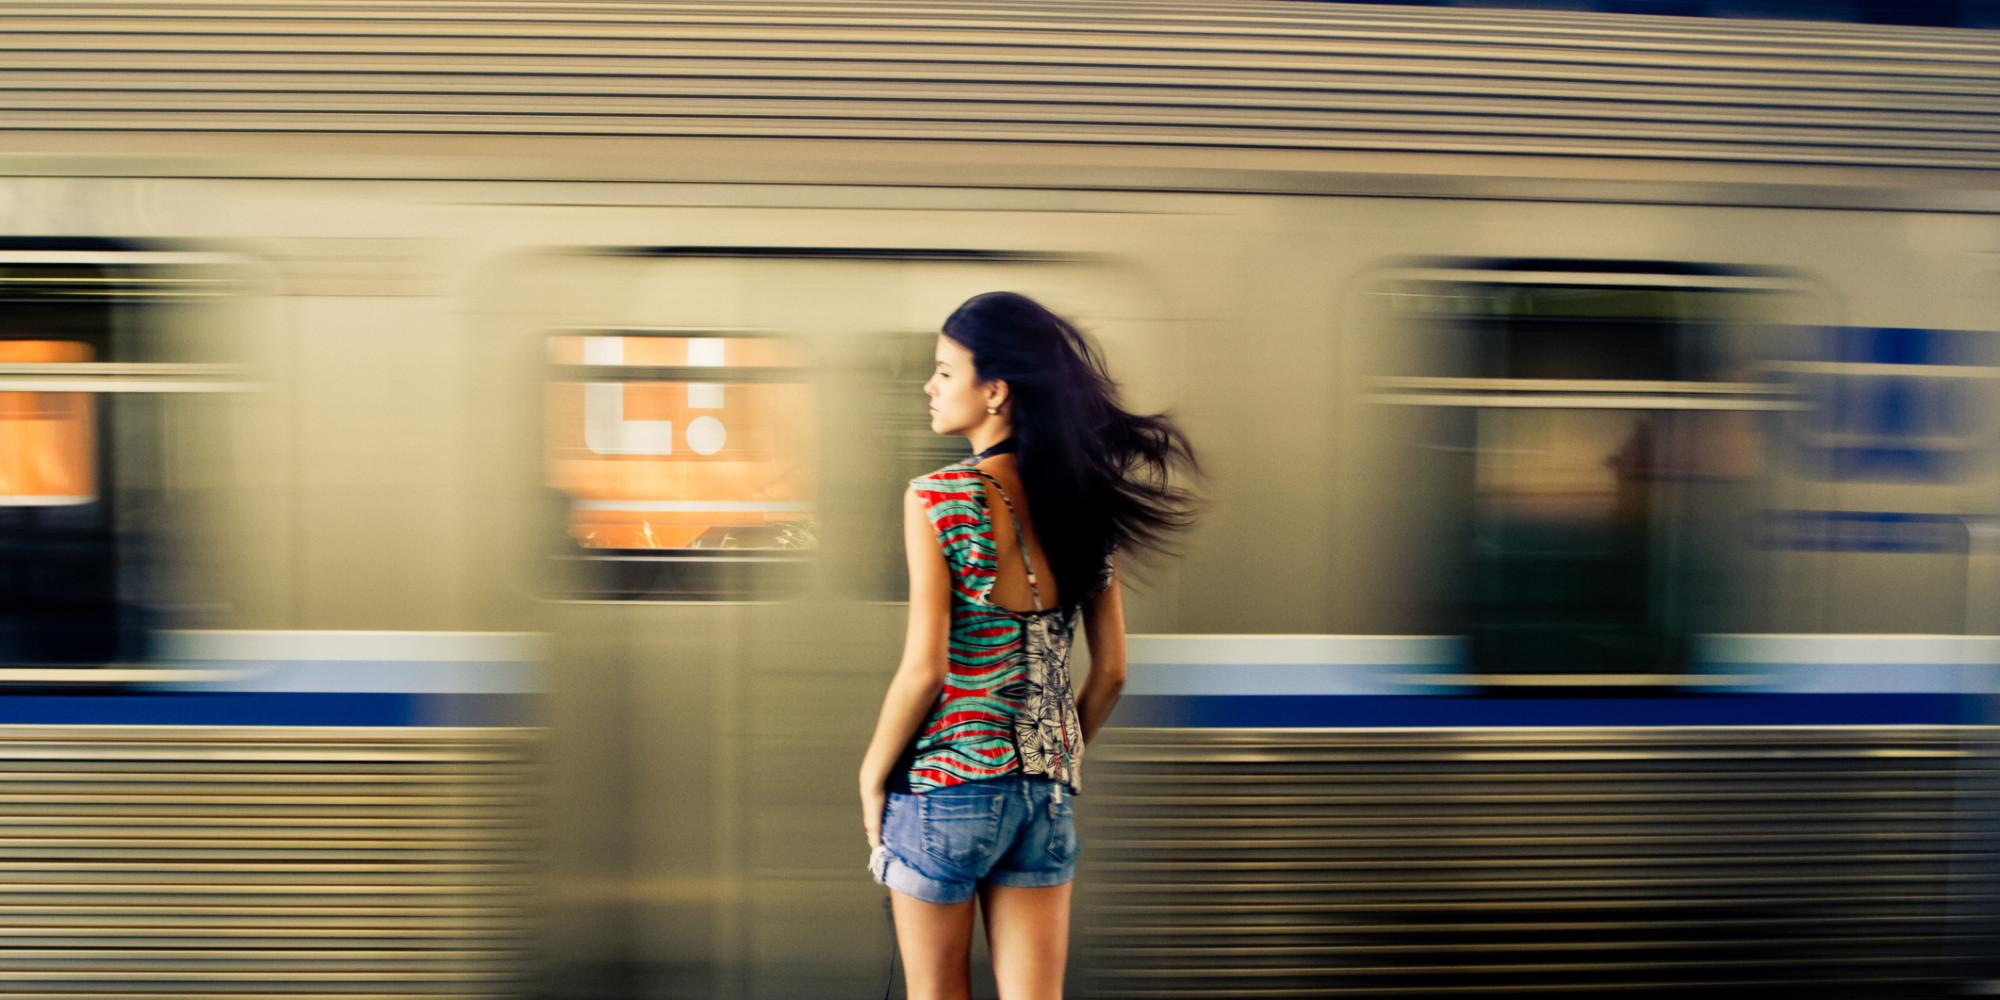 औरत क्यों न अपनाएँ सहज पहनावा?   Feminism In India